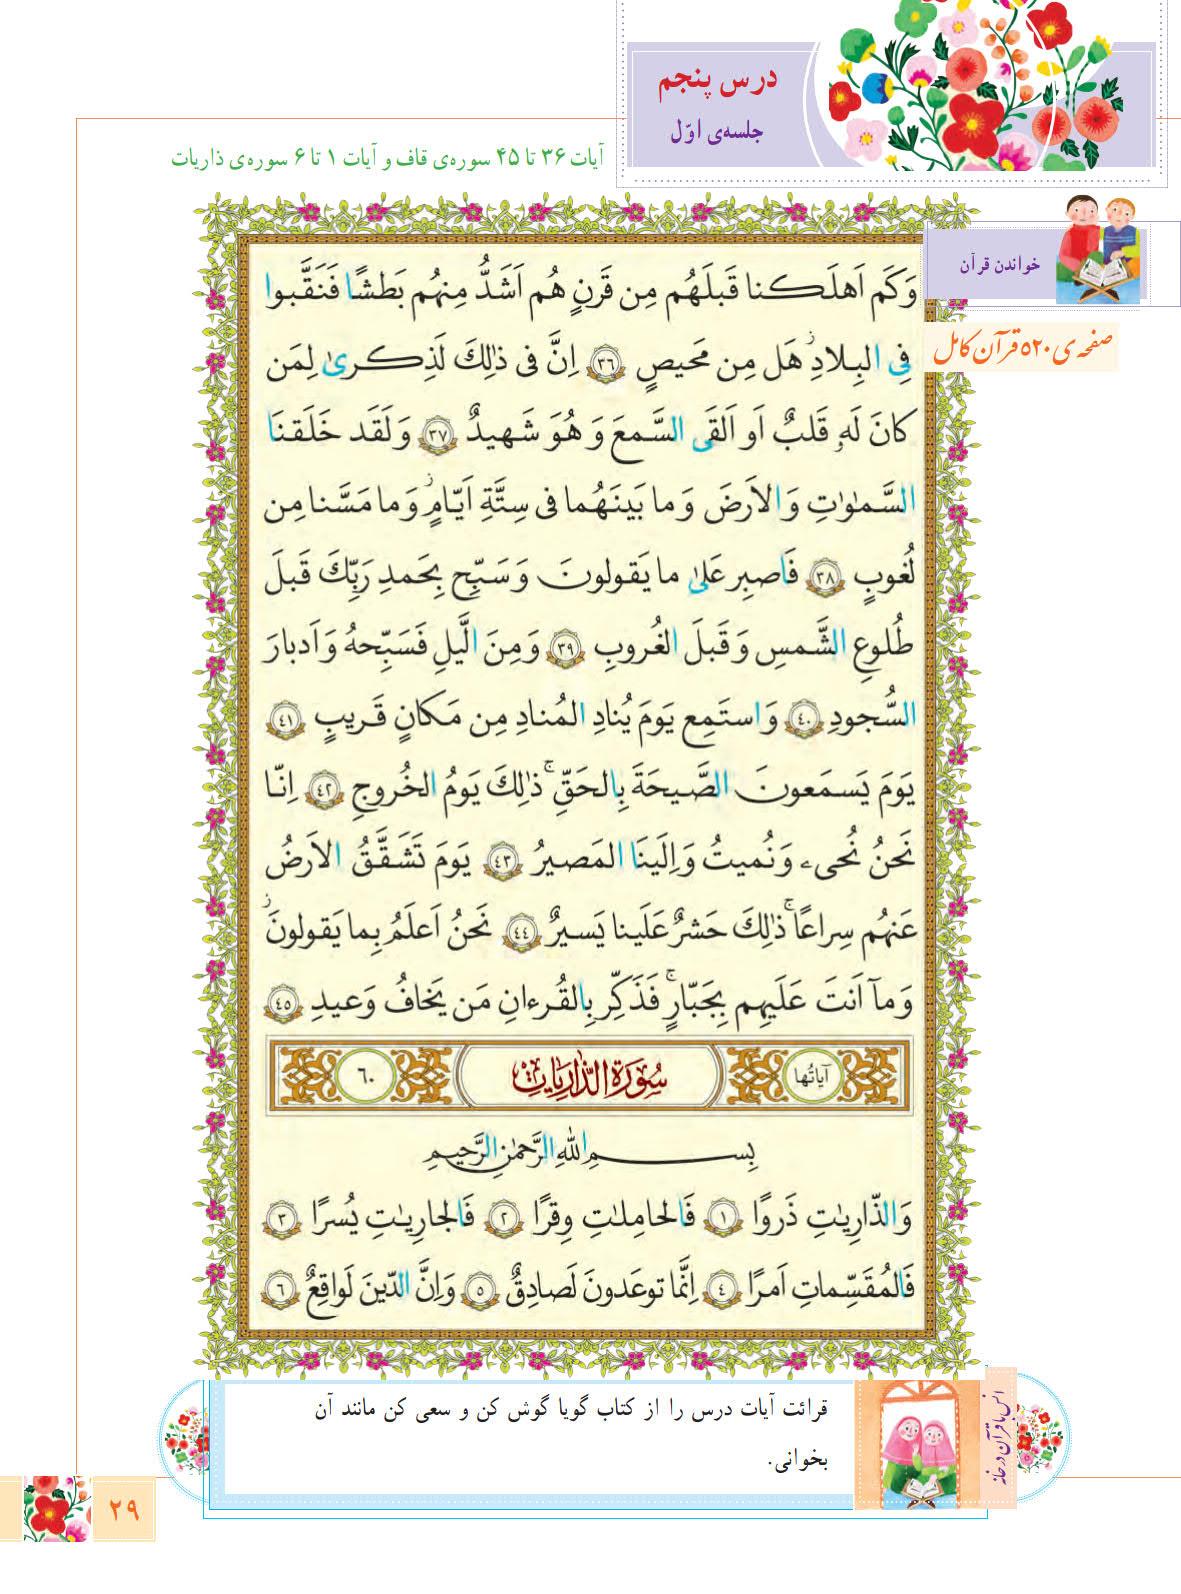 روخوانی و متن صفحه 29 درس پنجم آموزش قرآن ششم ابتدایی - کلاس اینترنتی ما - مومکا - momeka.ir (1)